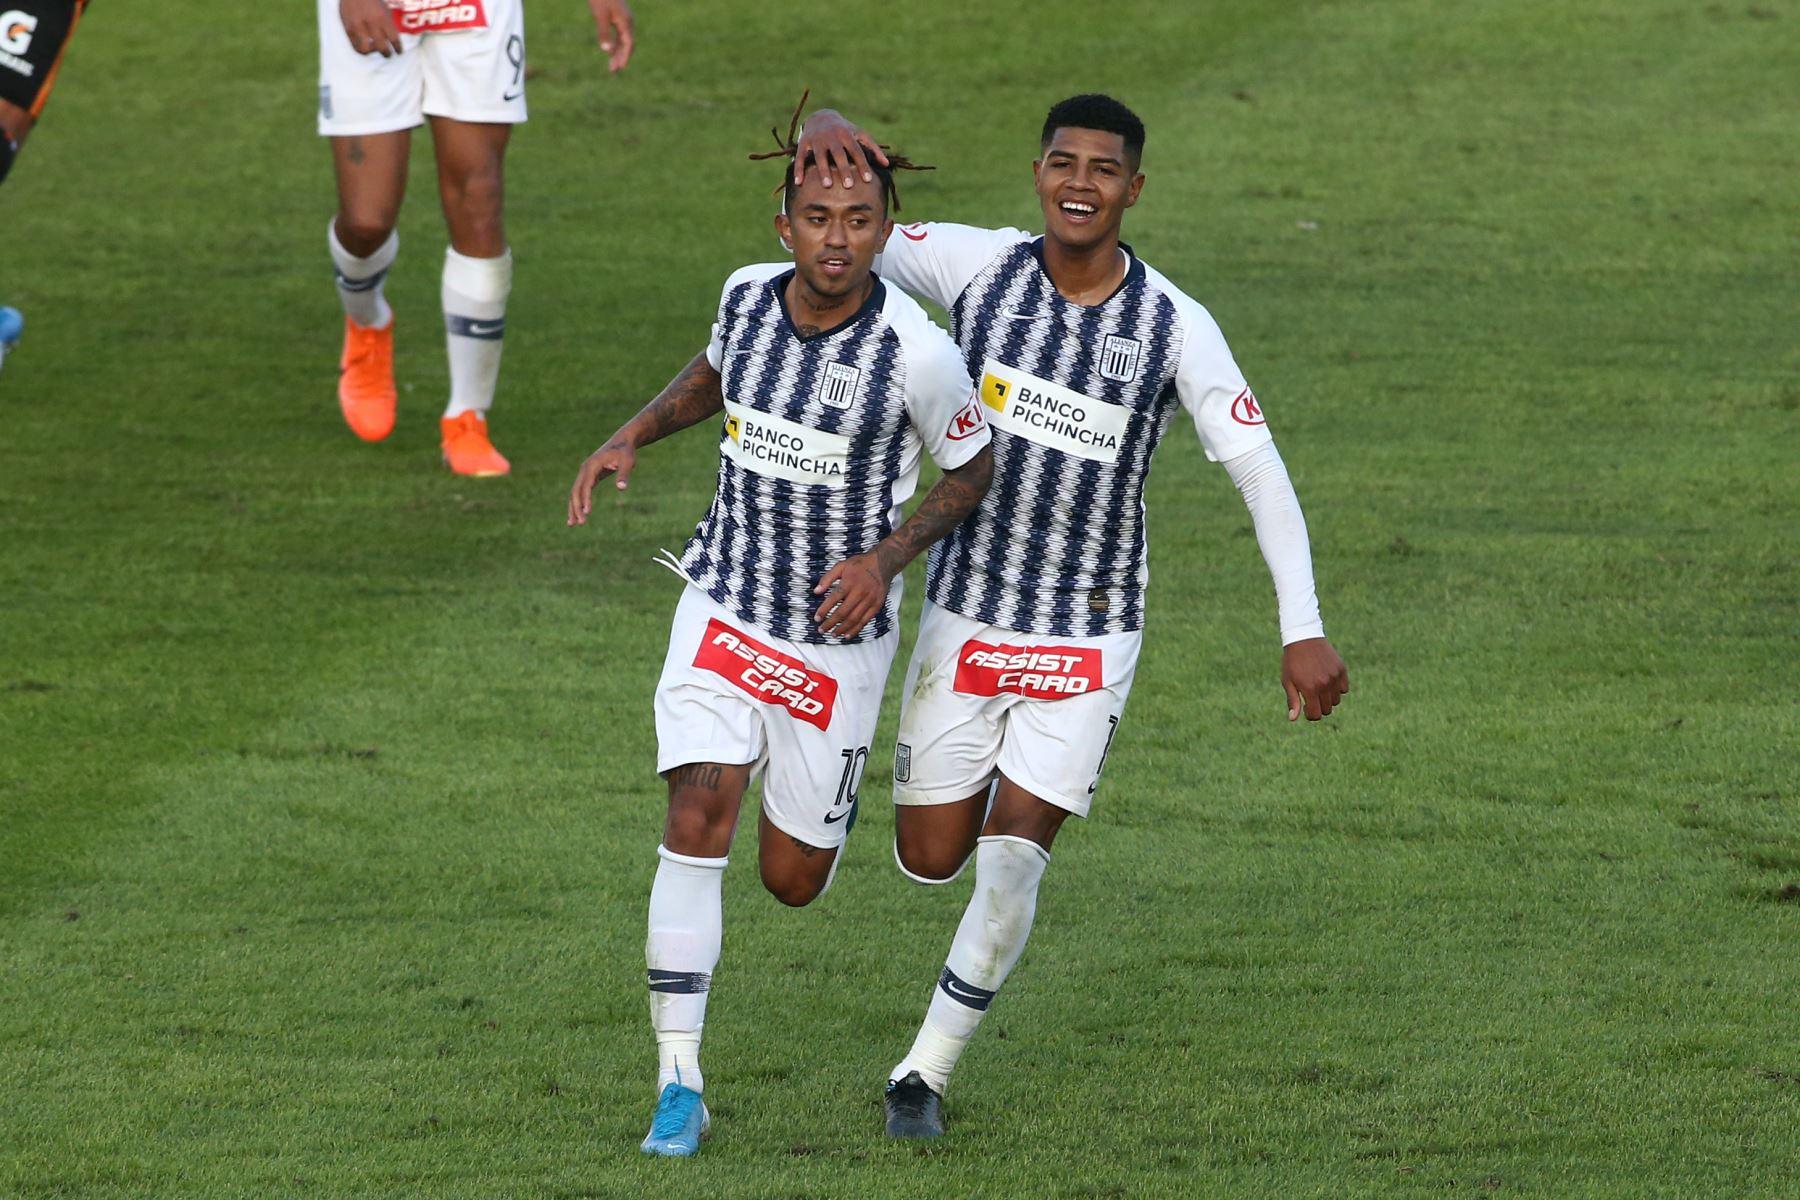 Joazhiño Arroé Salcedo, Wilder Cartagena de Alianza Lima venció 2-0 a Ayacucho FC por la sexta jornada del Torneo Clausura de la Liga 1. Foto: ANDINA/Vidal Tarqui